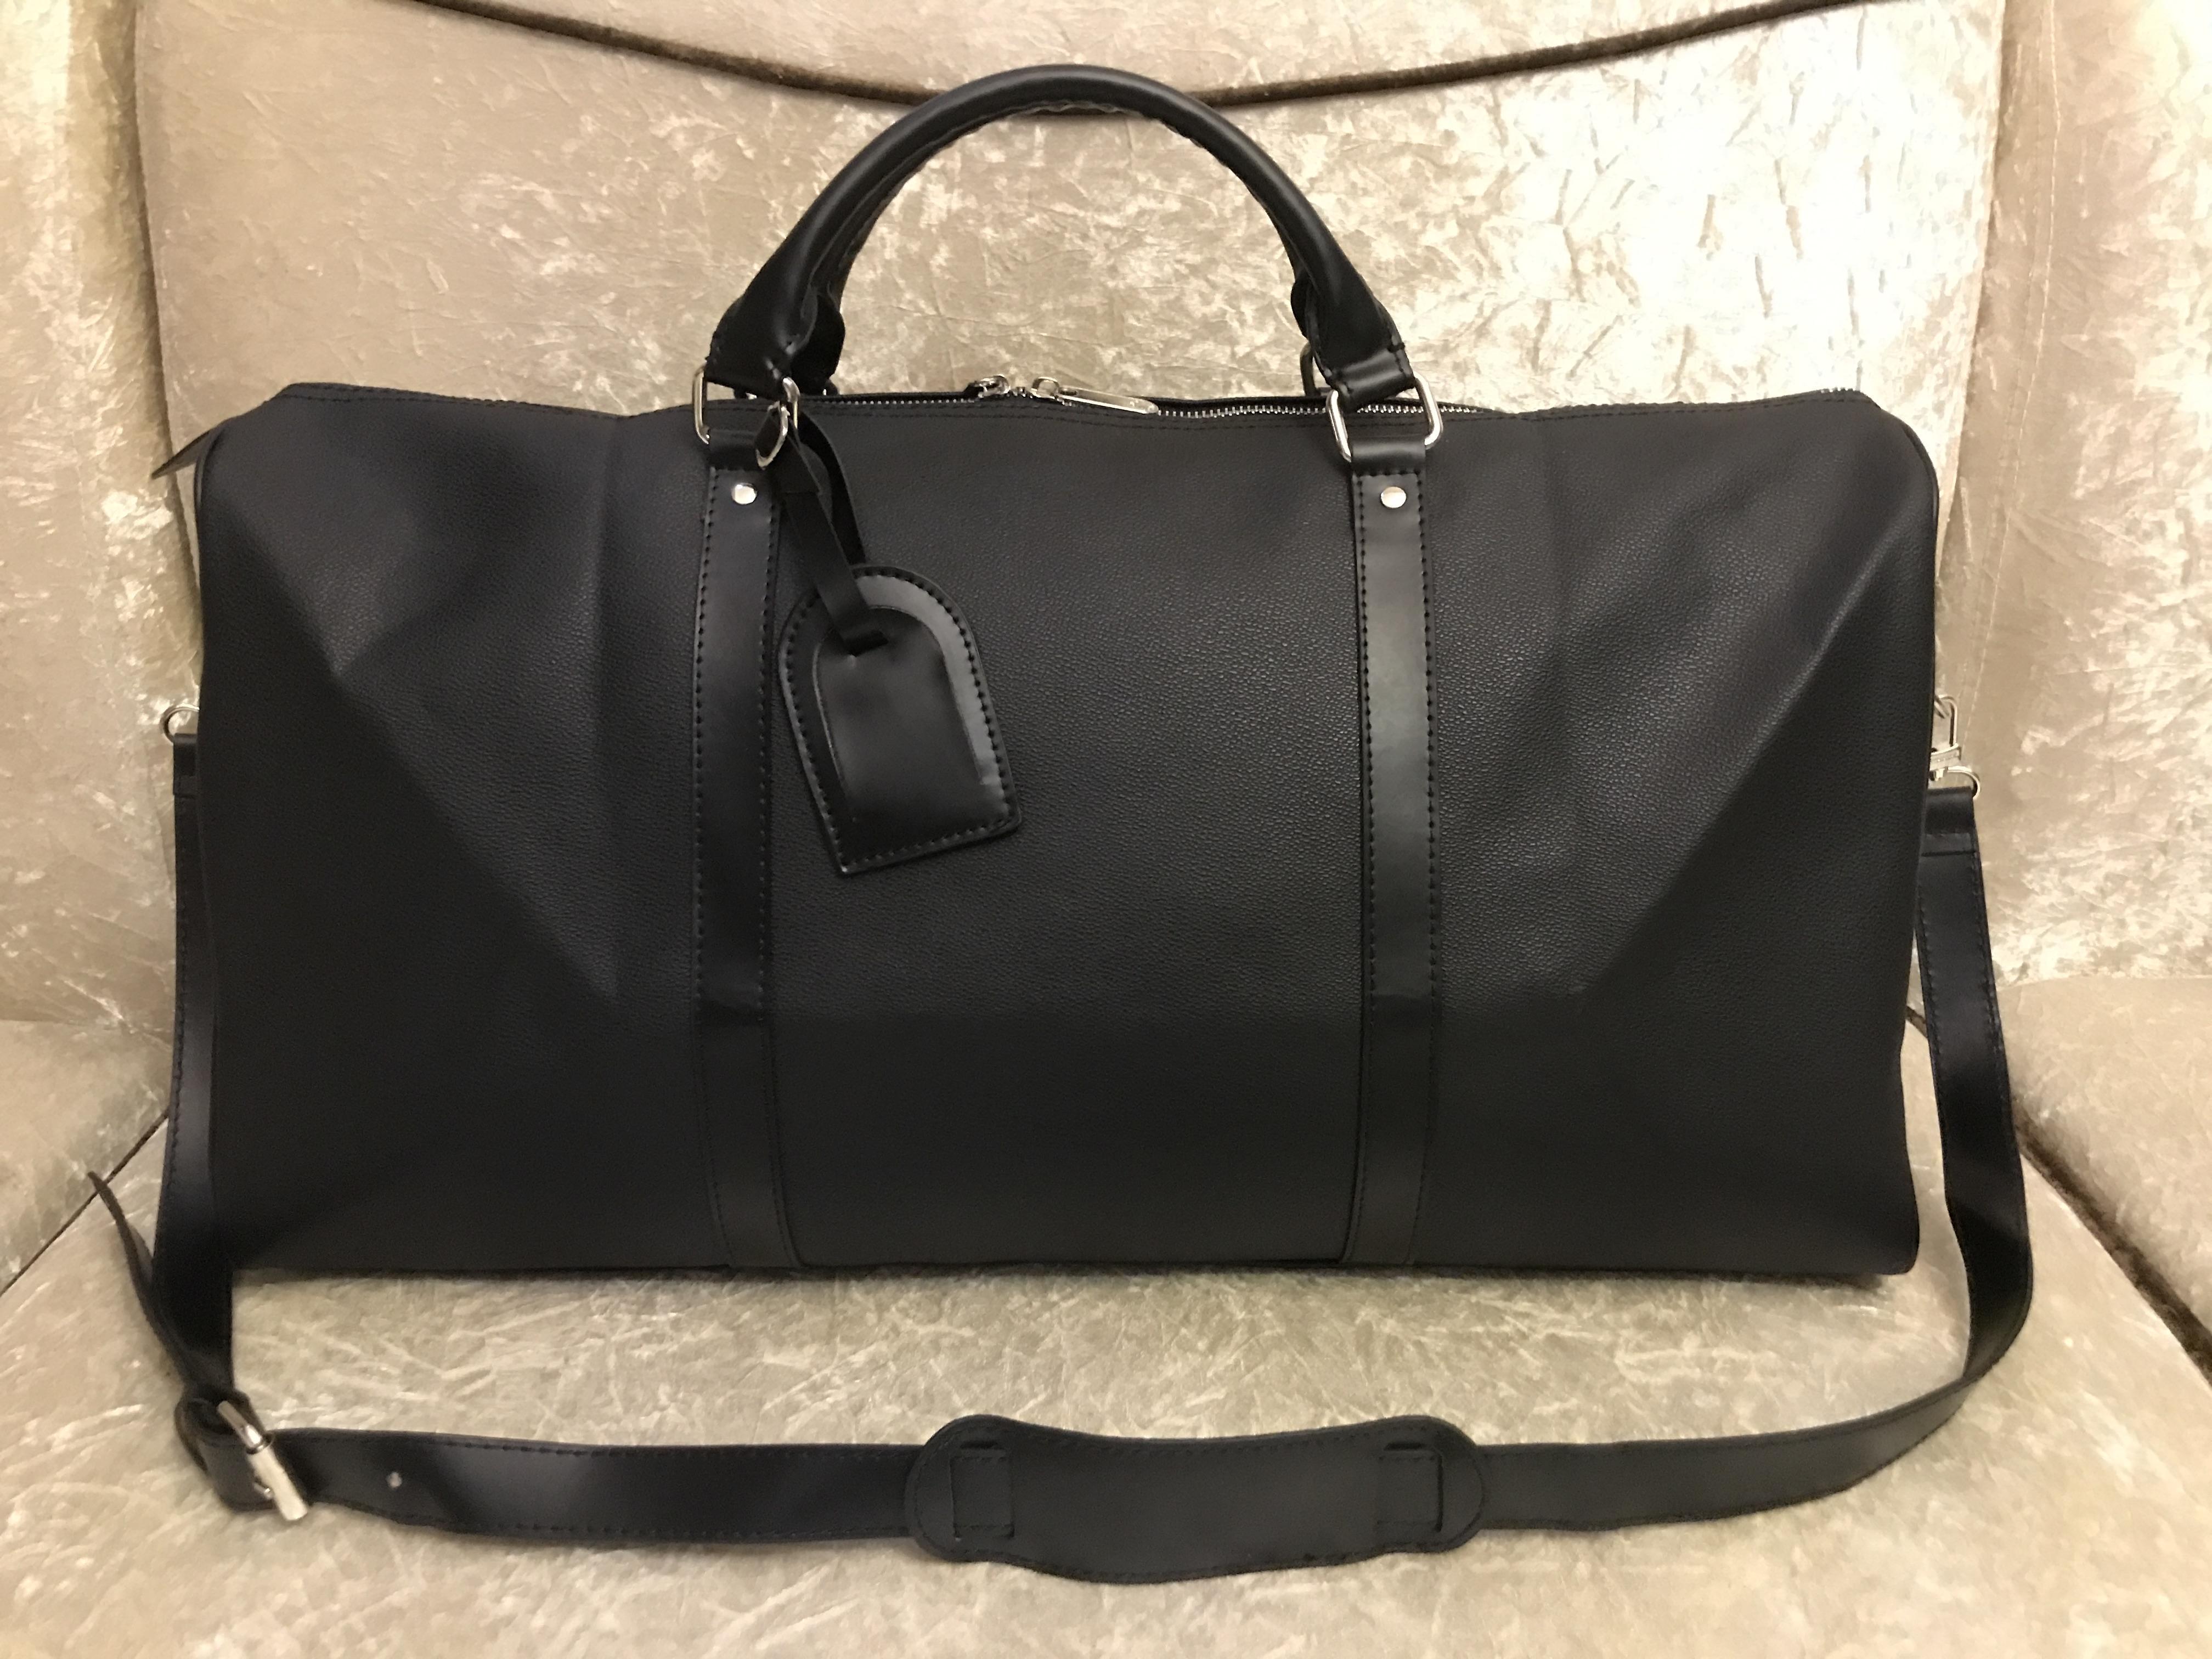 2020 hombres bolsa de lona mujeres viajan bolsas de equipaje de mano bolsa de viaje de diseño de lujo de los hombres de la PU de los bolsos de cuero de gran bandolera bolsas de 55cm